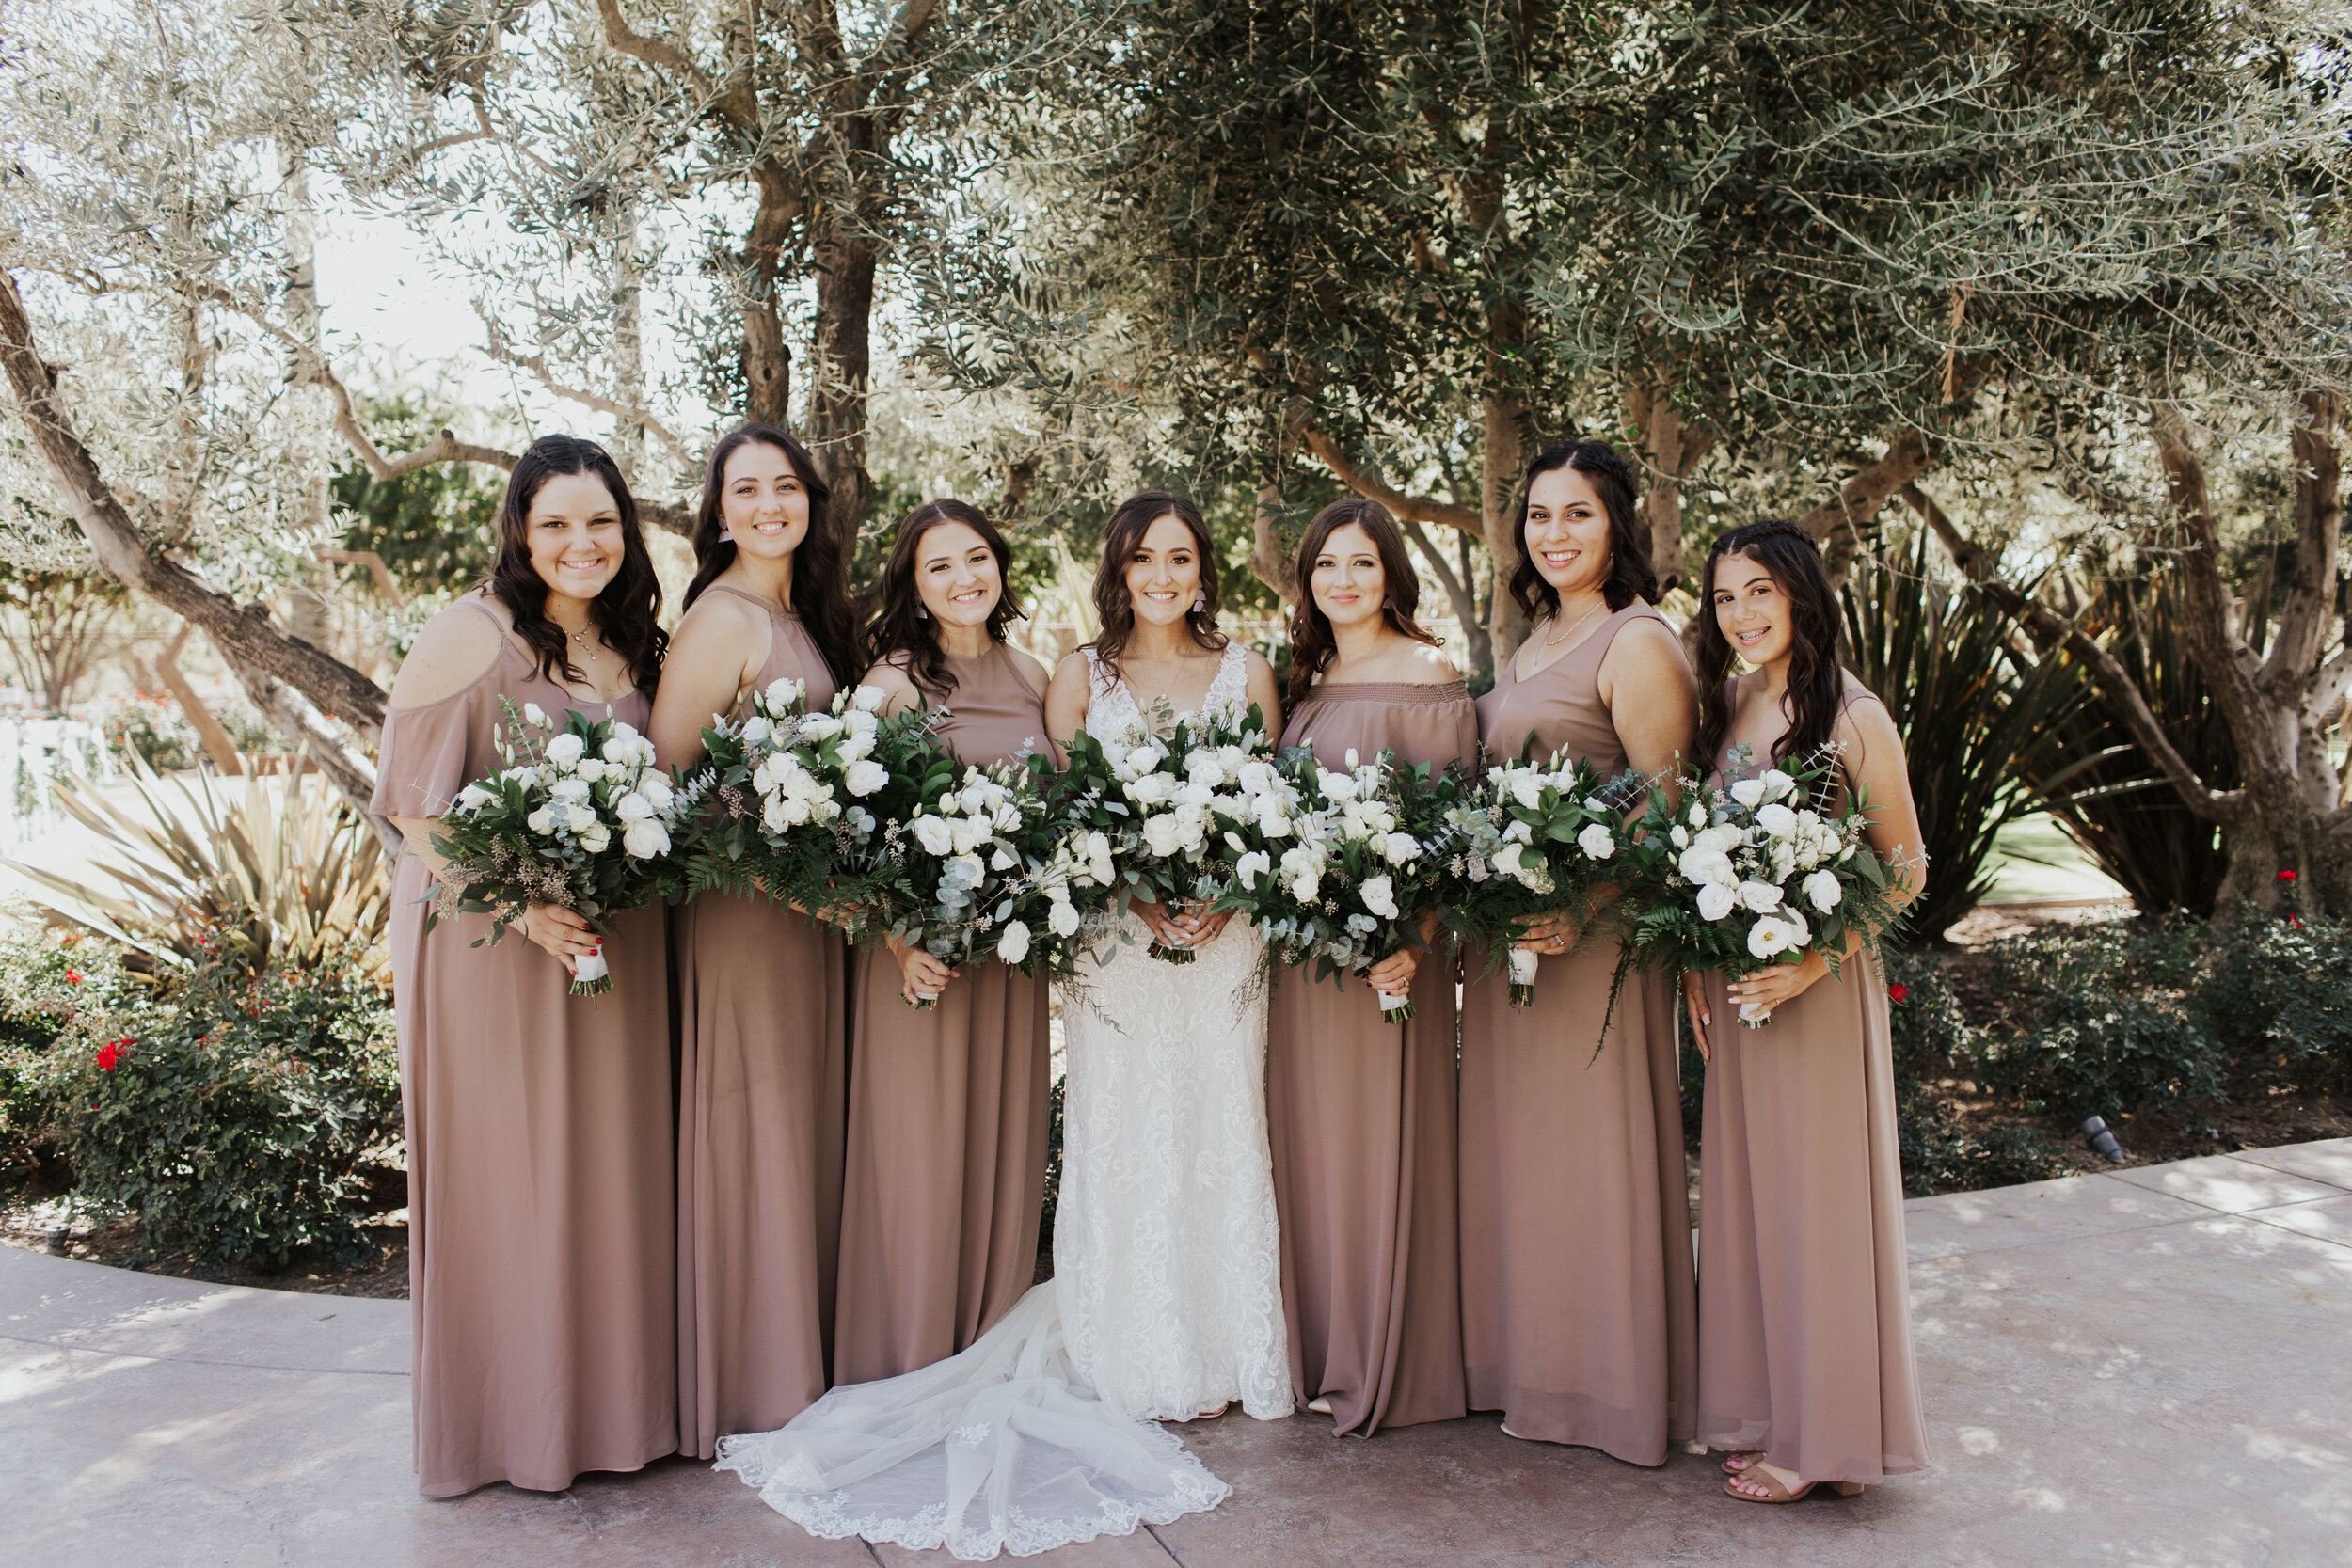 Emilee-Michael-Wedding-Tuscan-Gardens-Kingsburg-Central-Valley-California-SNEAK-PEEK-13.jpg